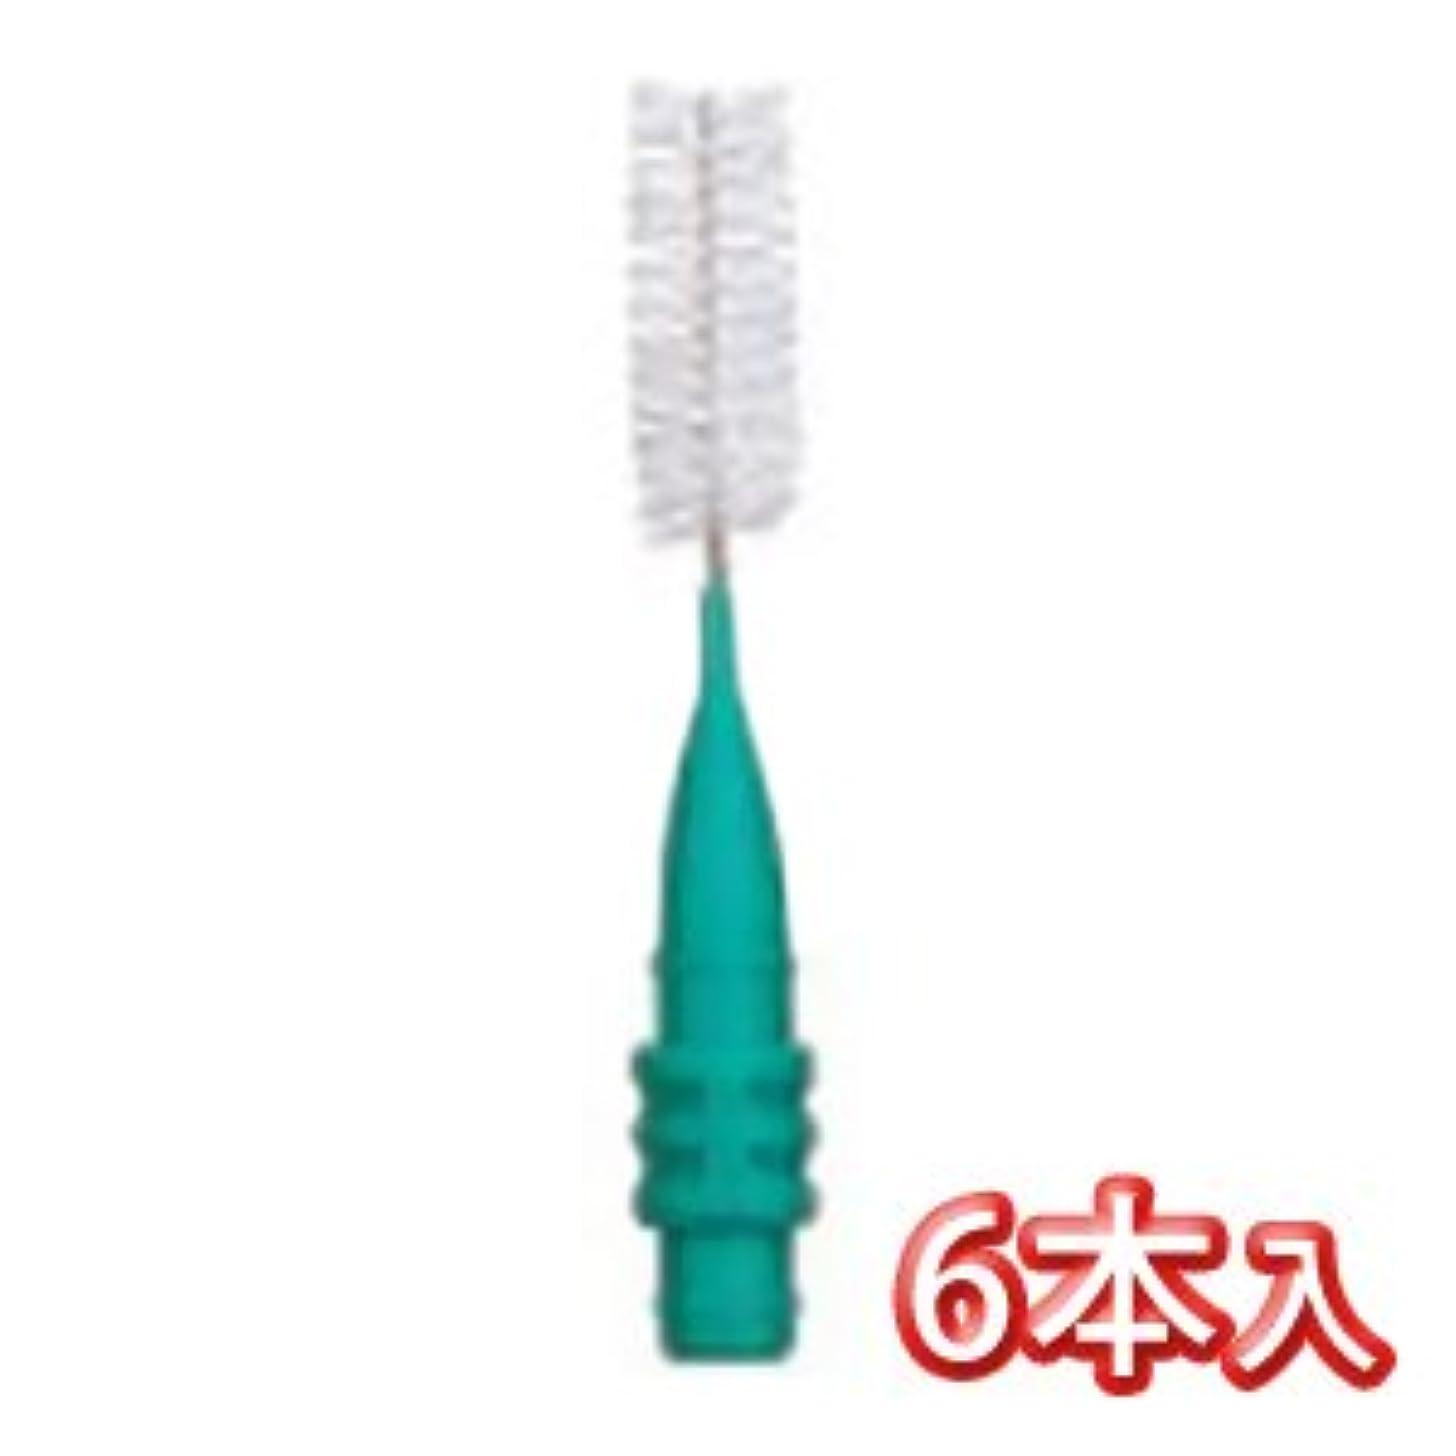 テンポ特徴アイドルプロスペック 歯間ブラシ2 スペアーブラシ のみ 6本入 LL グリーン